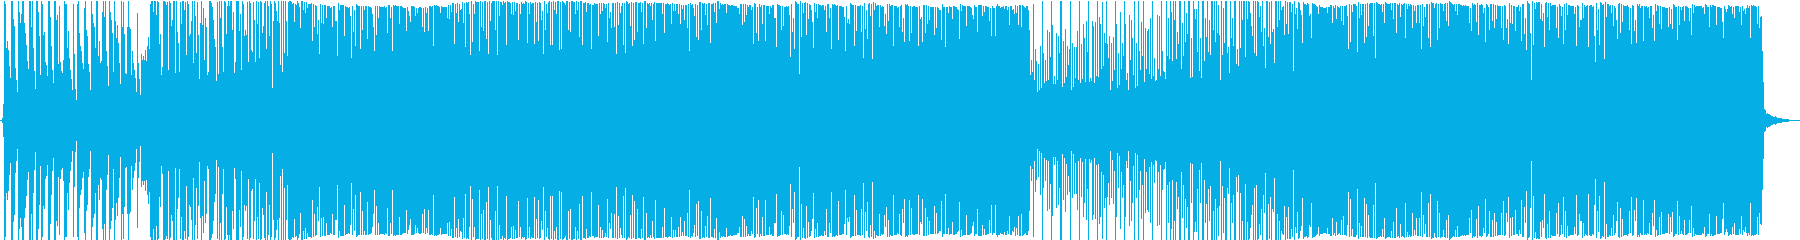 ポップ テクノ 代替案 アクティブ...の再生済みの波形